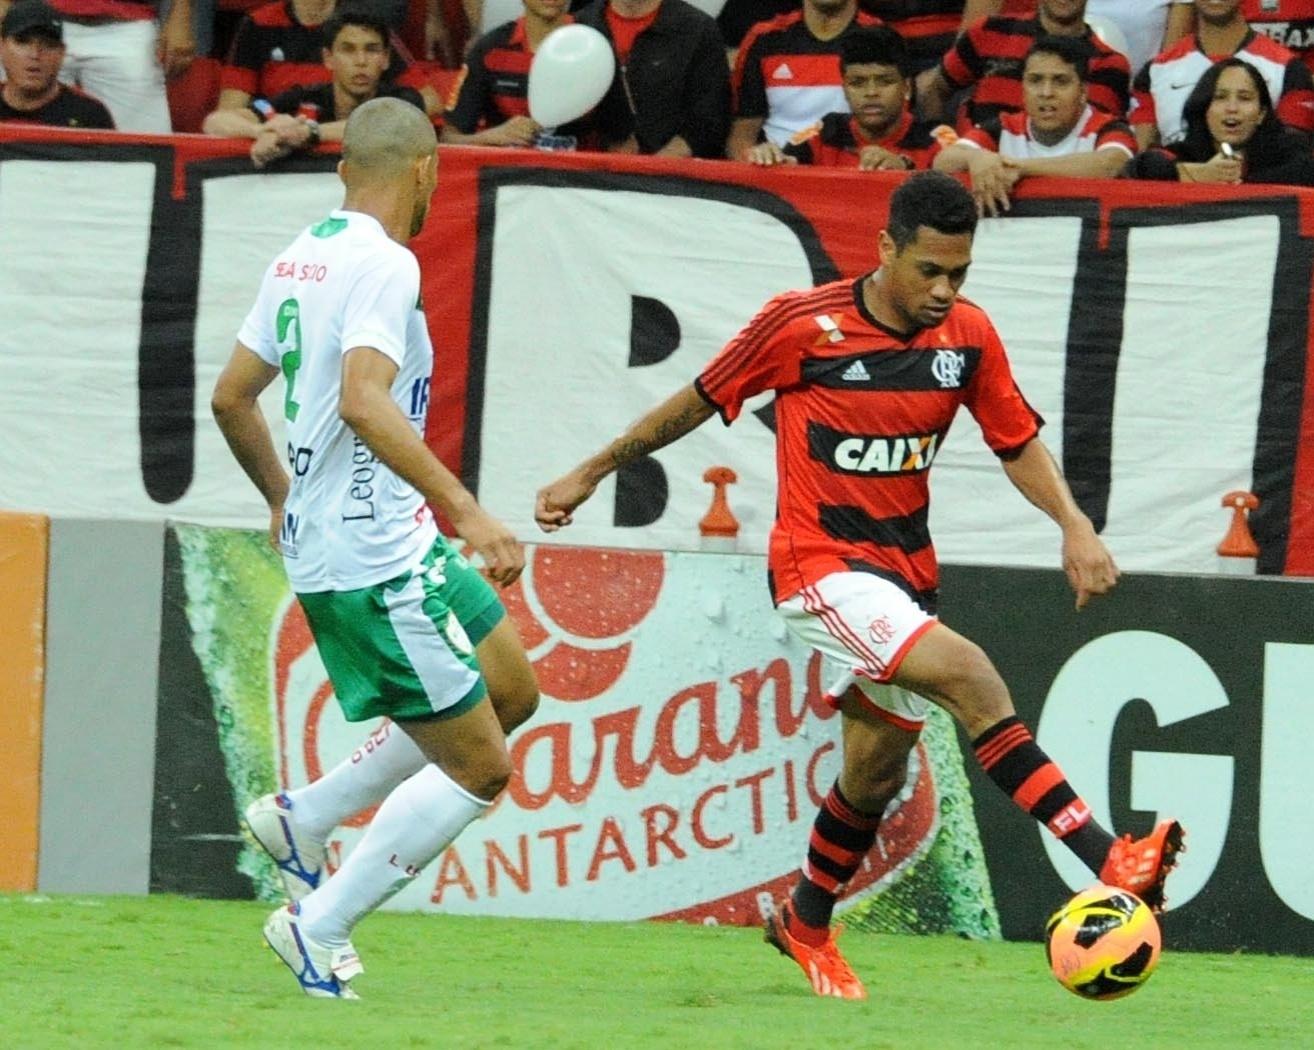 07.08.13 - Hernane faz jogada pelo Flamengo contra a Portuguesa em jogo válido pelo Brasileirão